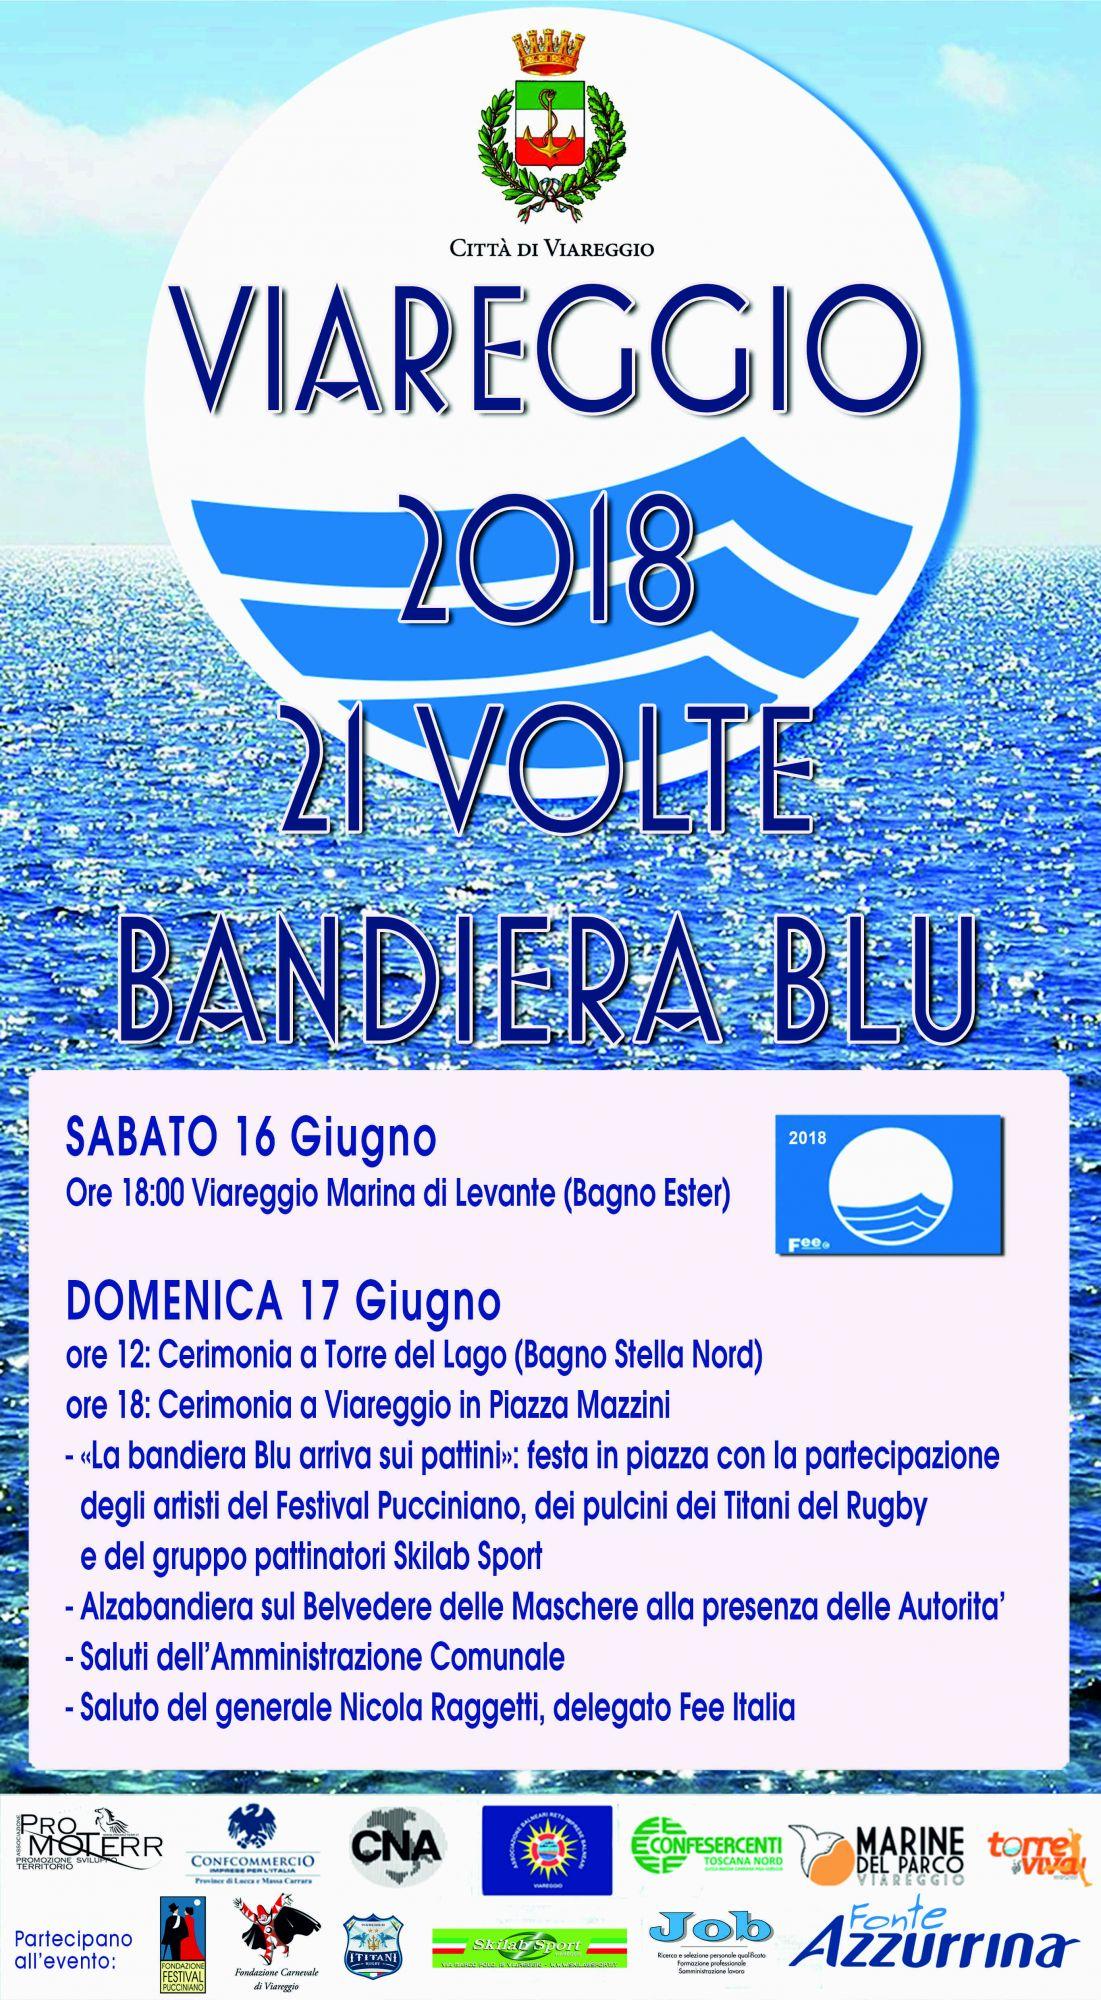 Bandiera Blu a Viareggio, la cerimonia domenica sul Belvedere delle Maschere